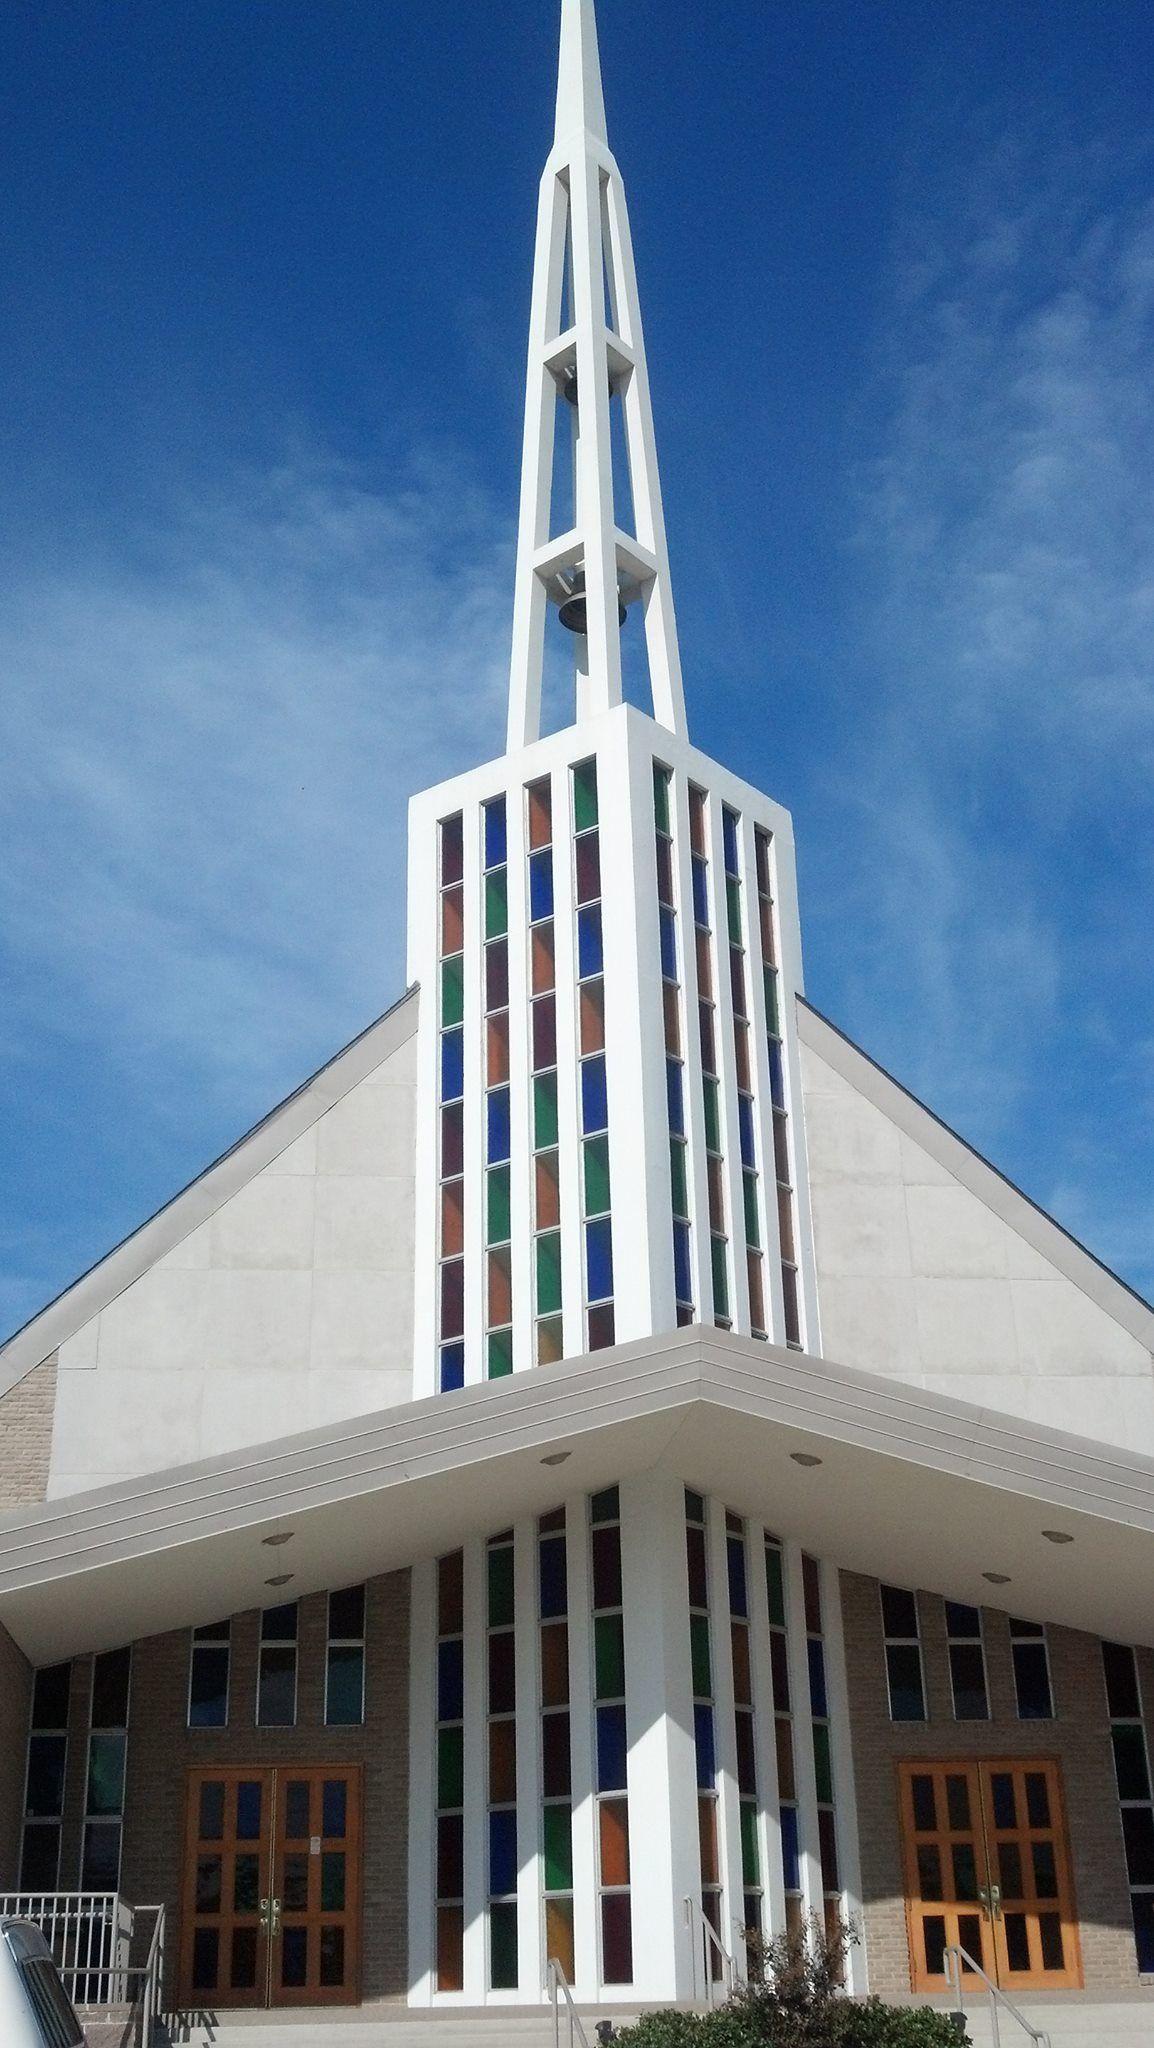 St. John's Outreach